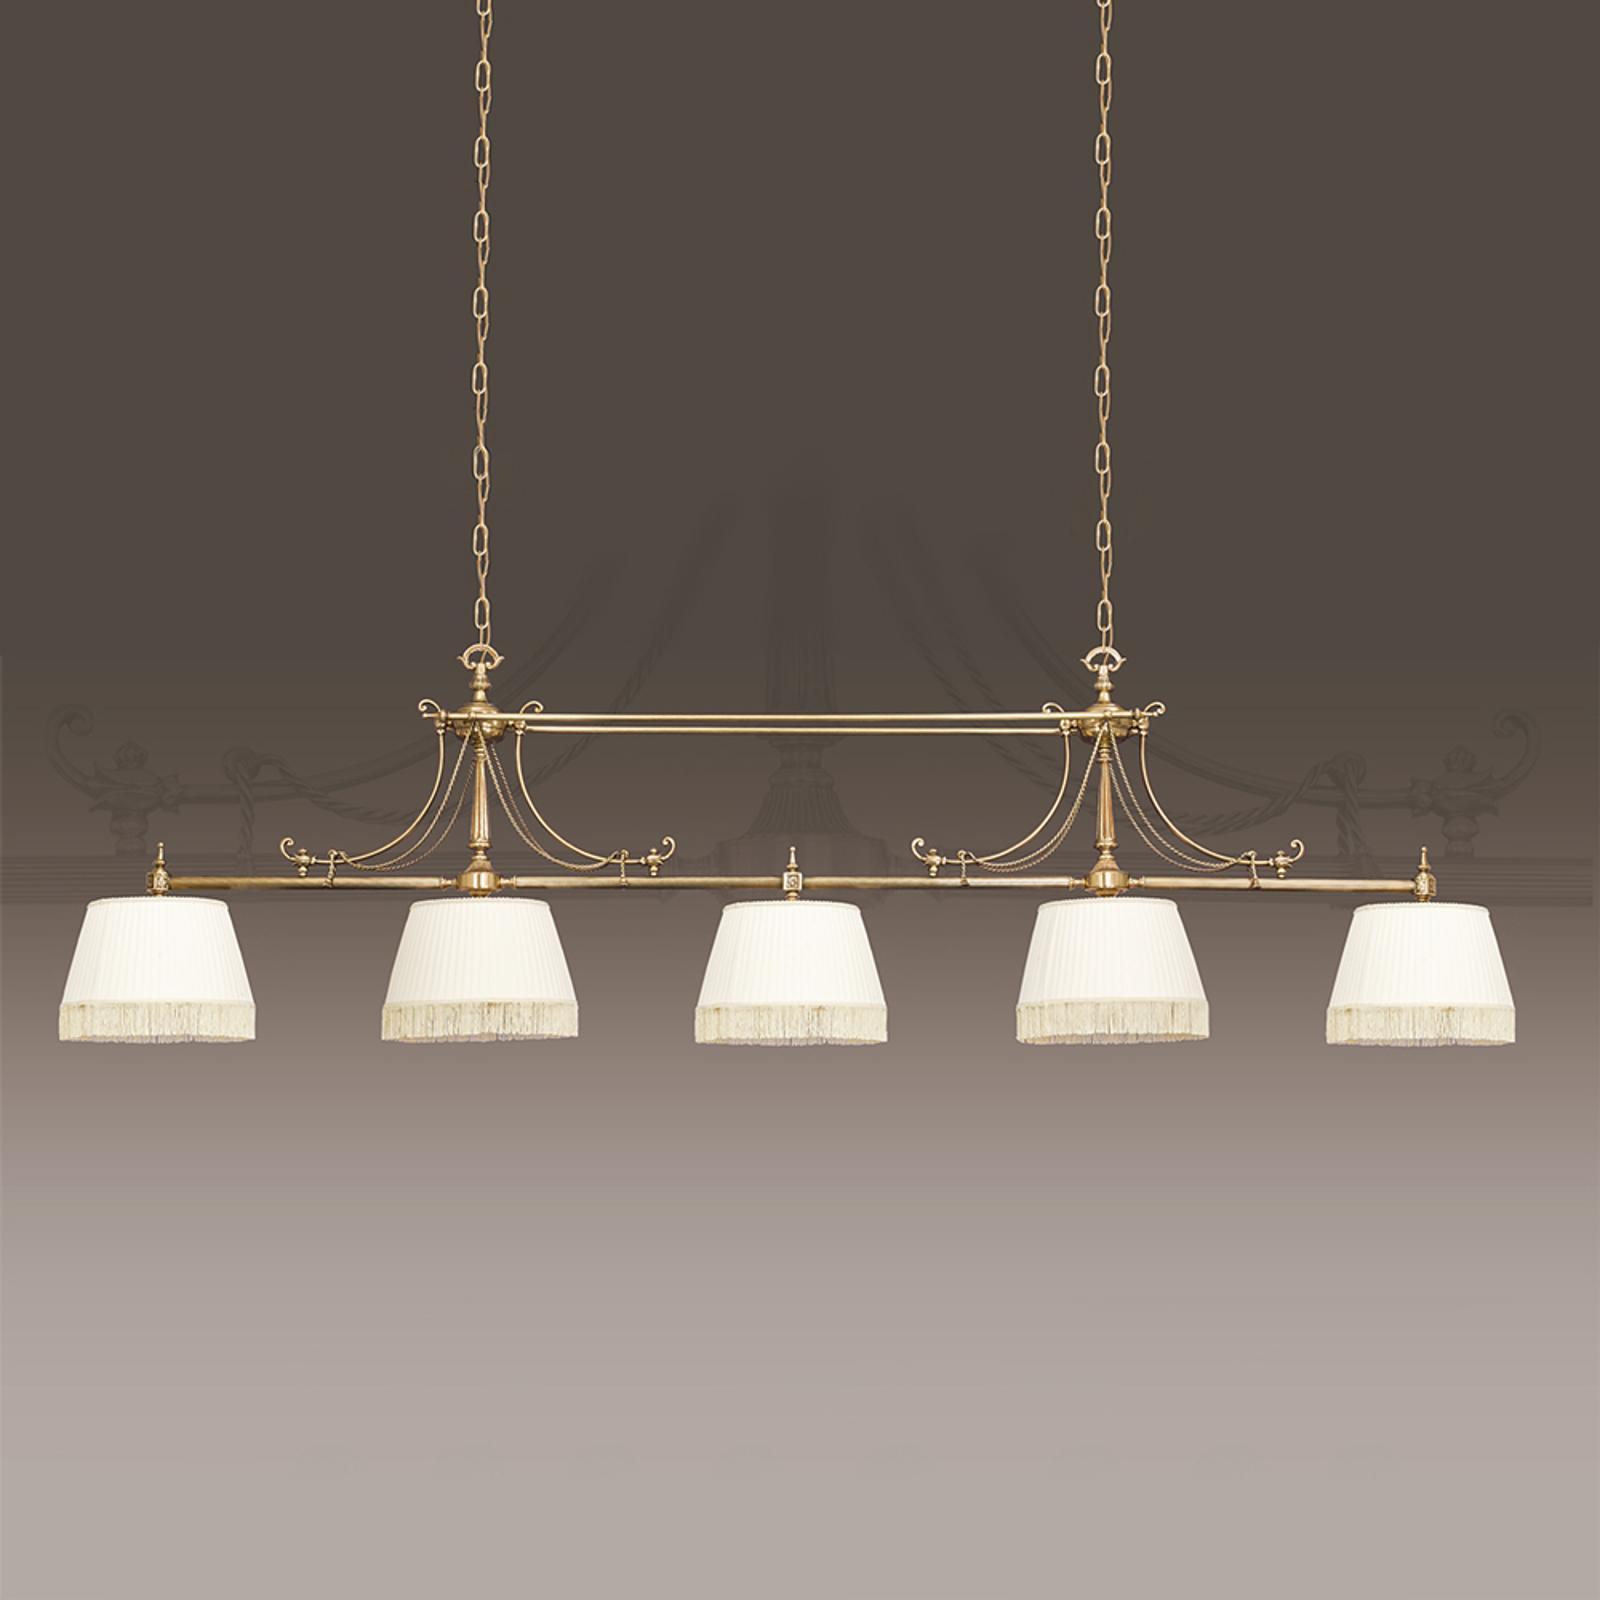 Vaikuttava Sopia-tekstiiliriippuvalaisin 5 lamppua